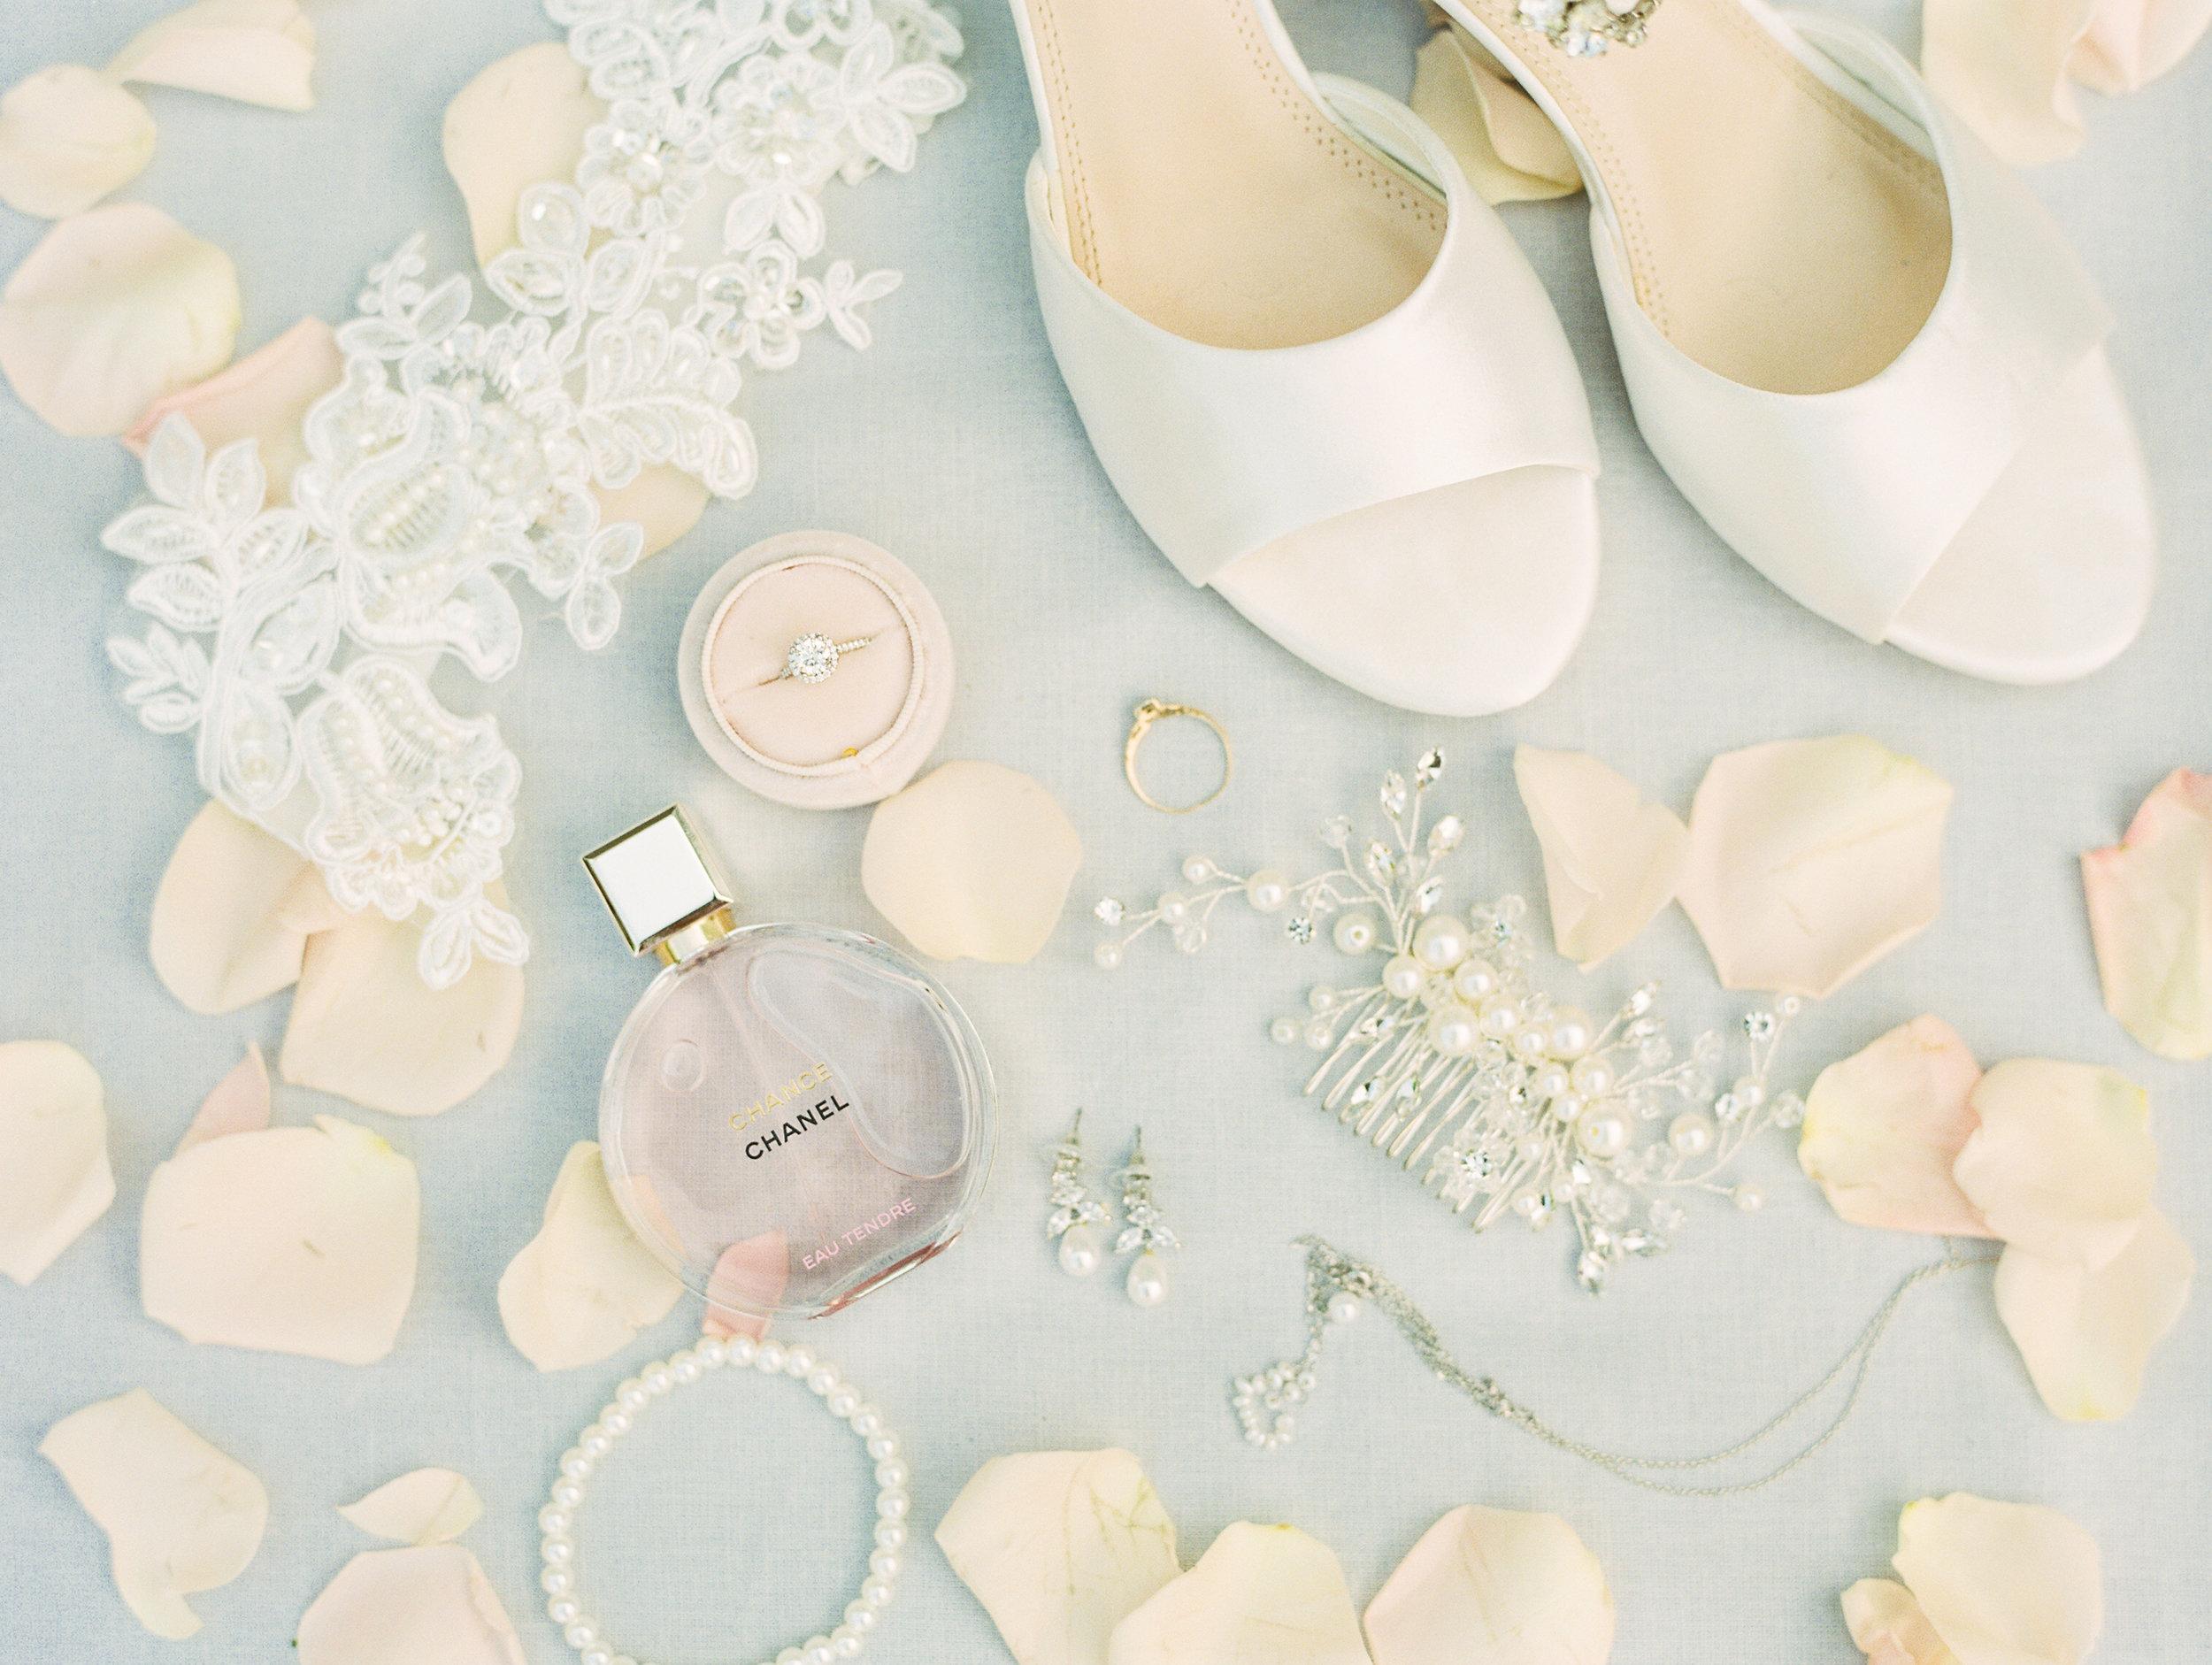 Cupp+Wedding+Detailsf-15.jpg